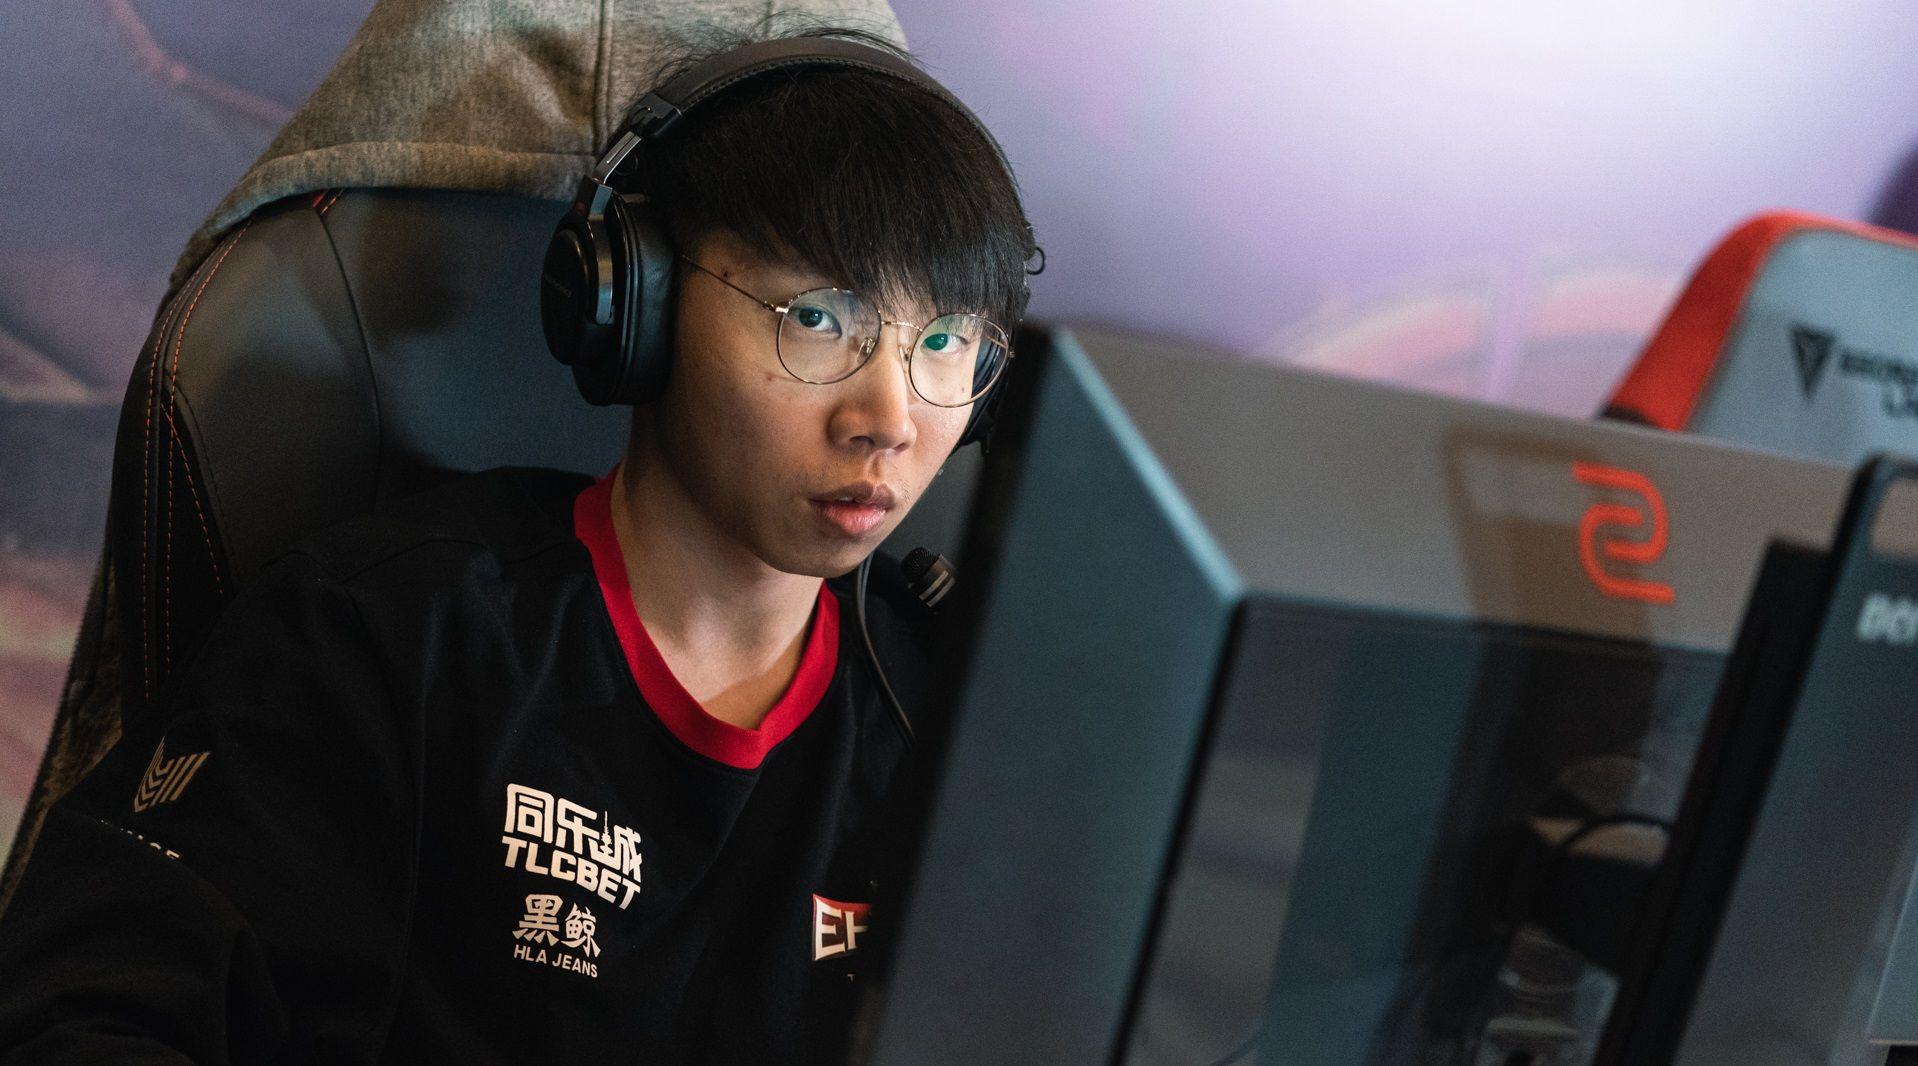 """Cheng """"VtFaded"""" Jia Hao berkemungkinan besar bakal 'diharamkan' oleh Valve gara-gara melanggar peraturan perpindahan pemain ketika saingan kelayakan terbuka DPC Asia Tenggara berlangsung."""